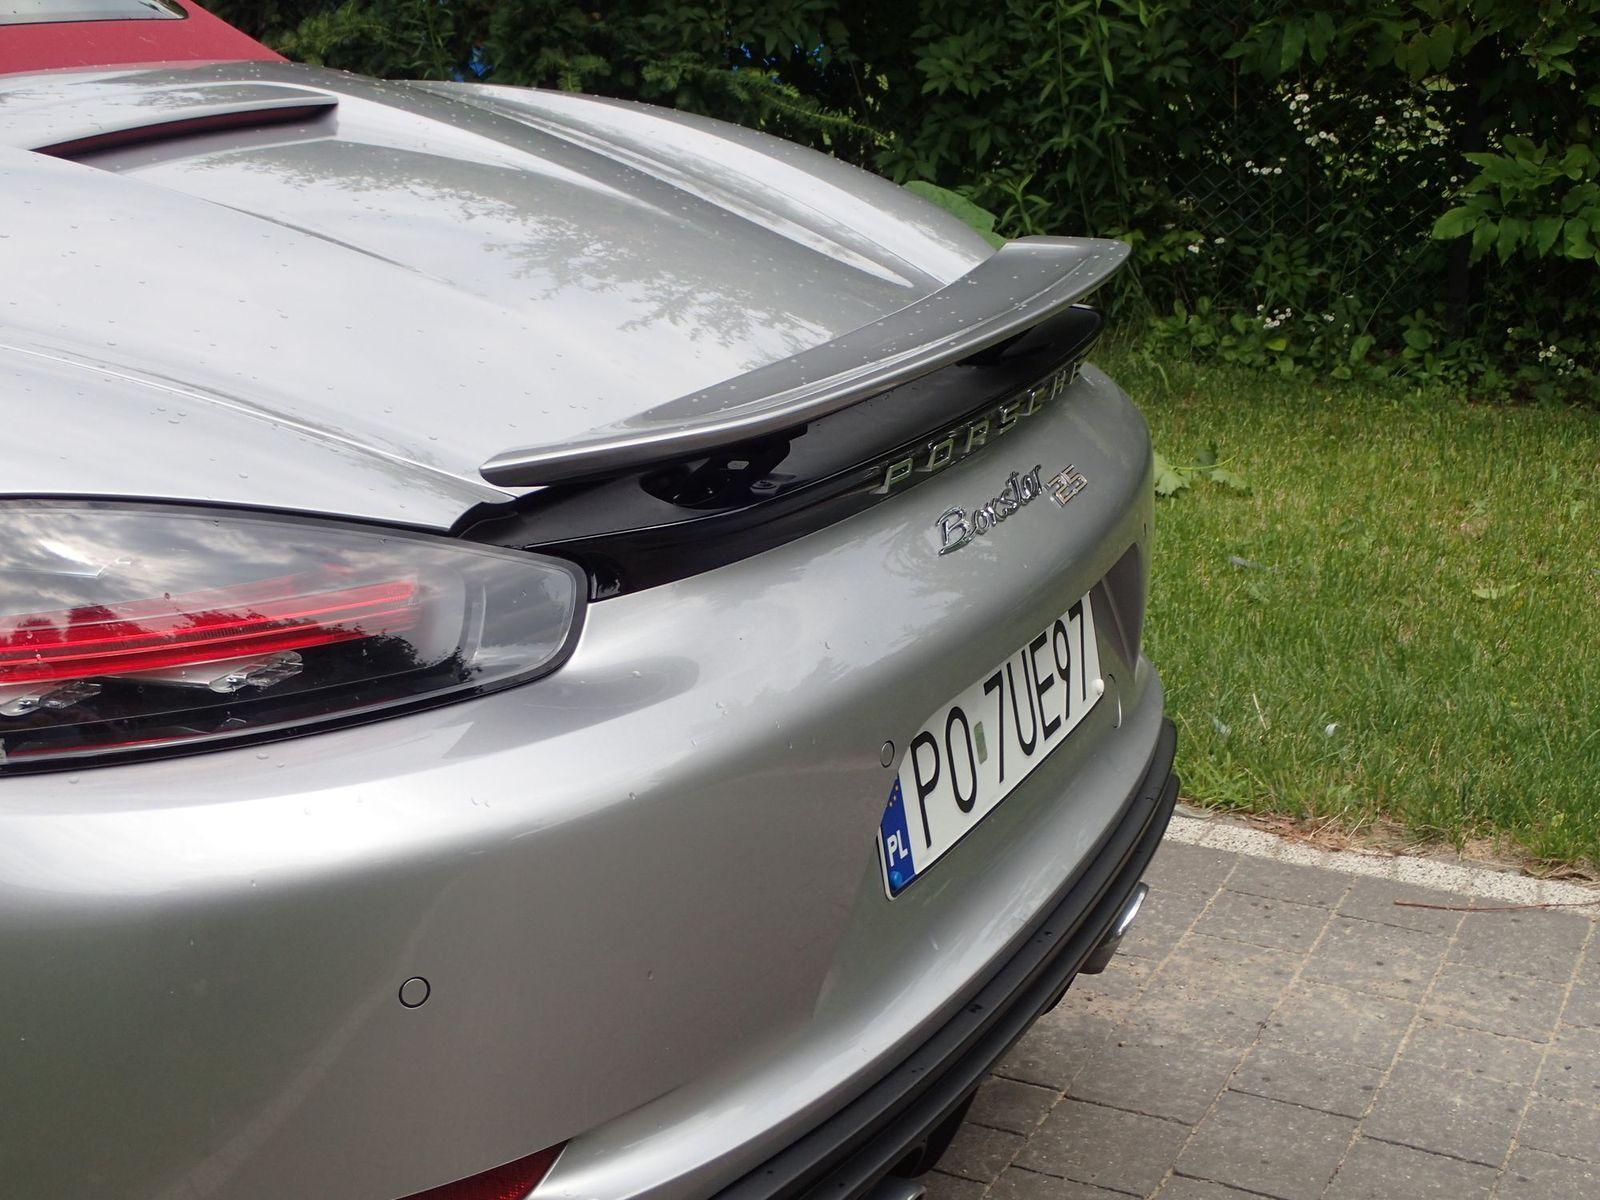 PorscheBoxster_TestAutoRok_2021_10